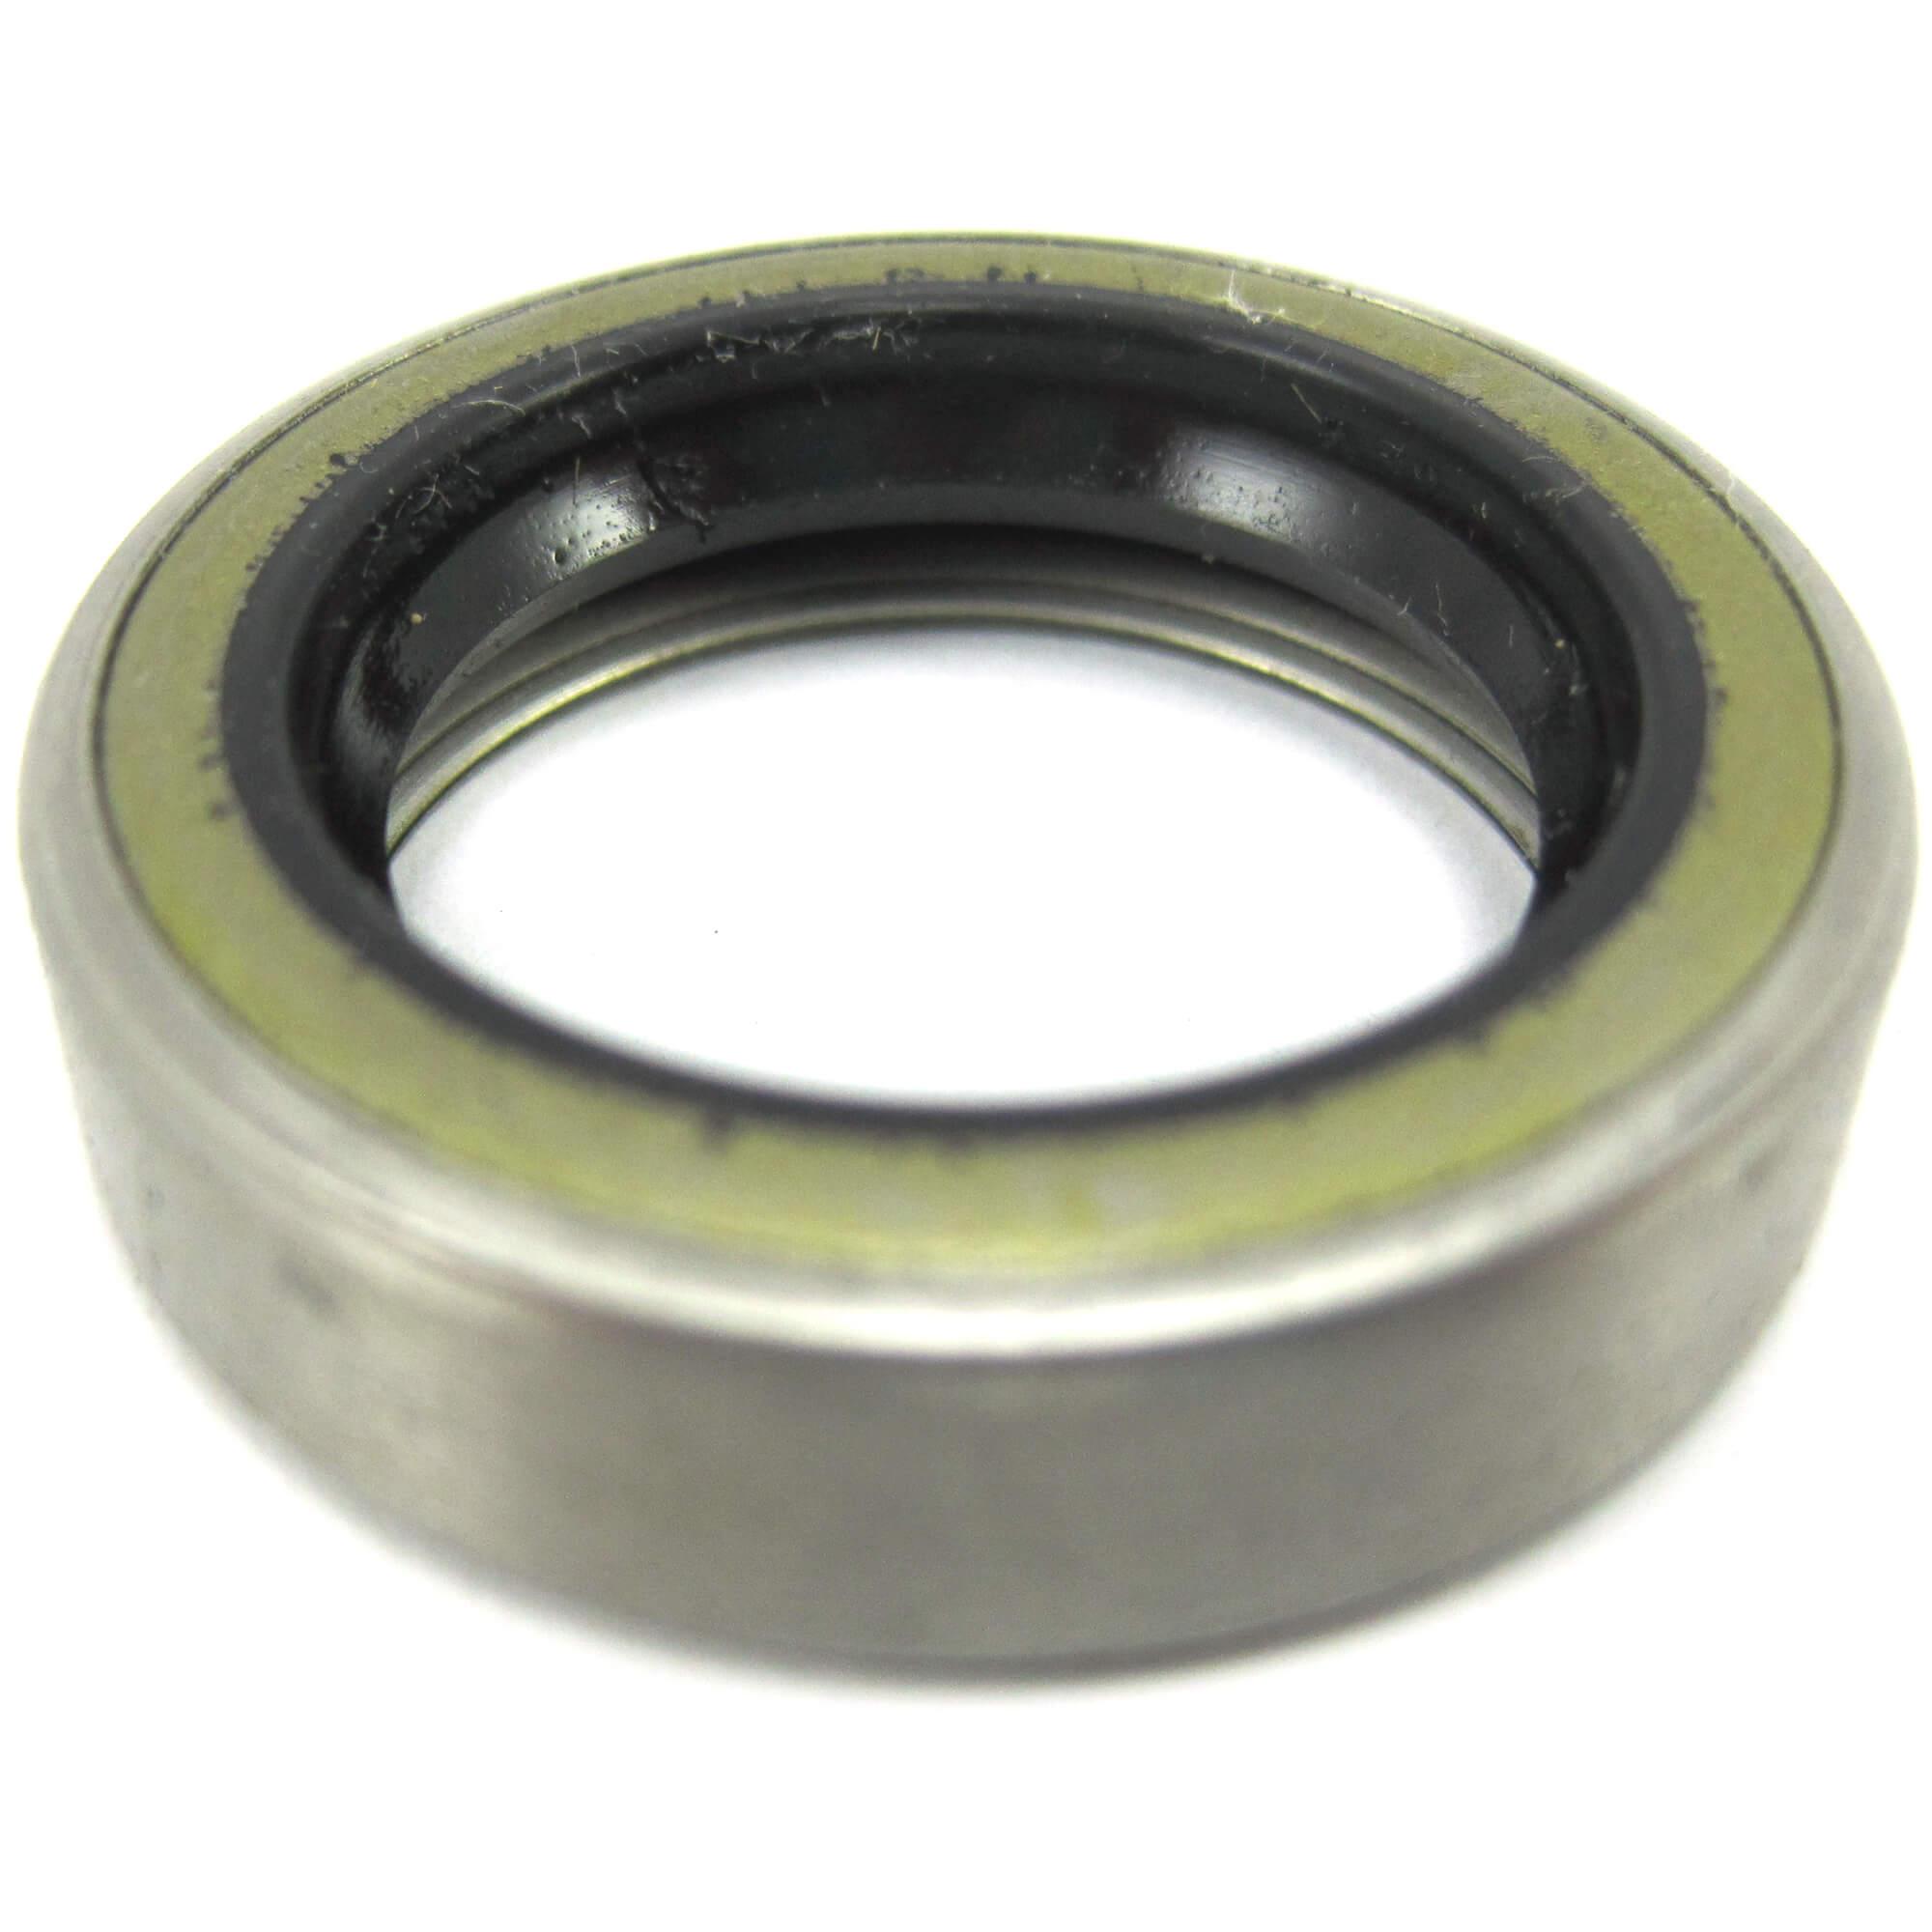 Sierra 18-8300 Oil Seal